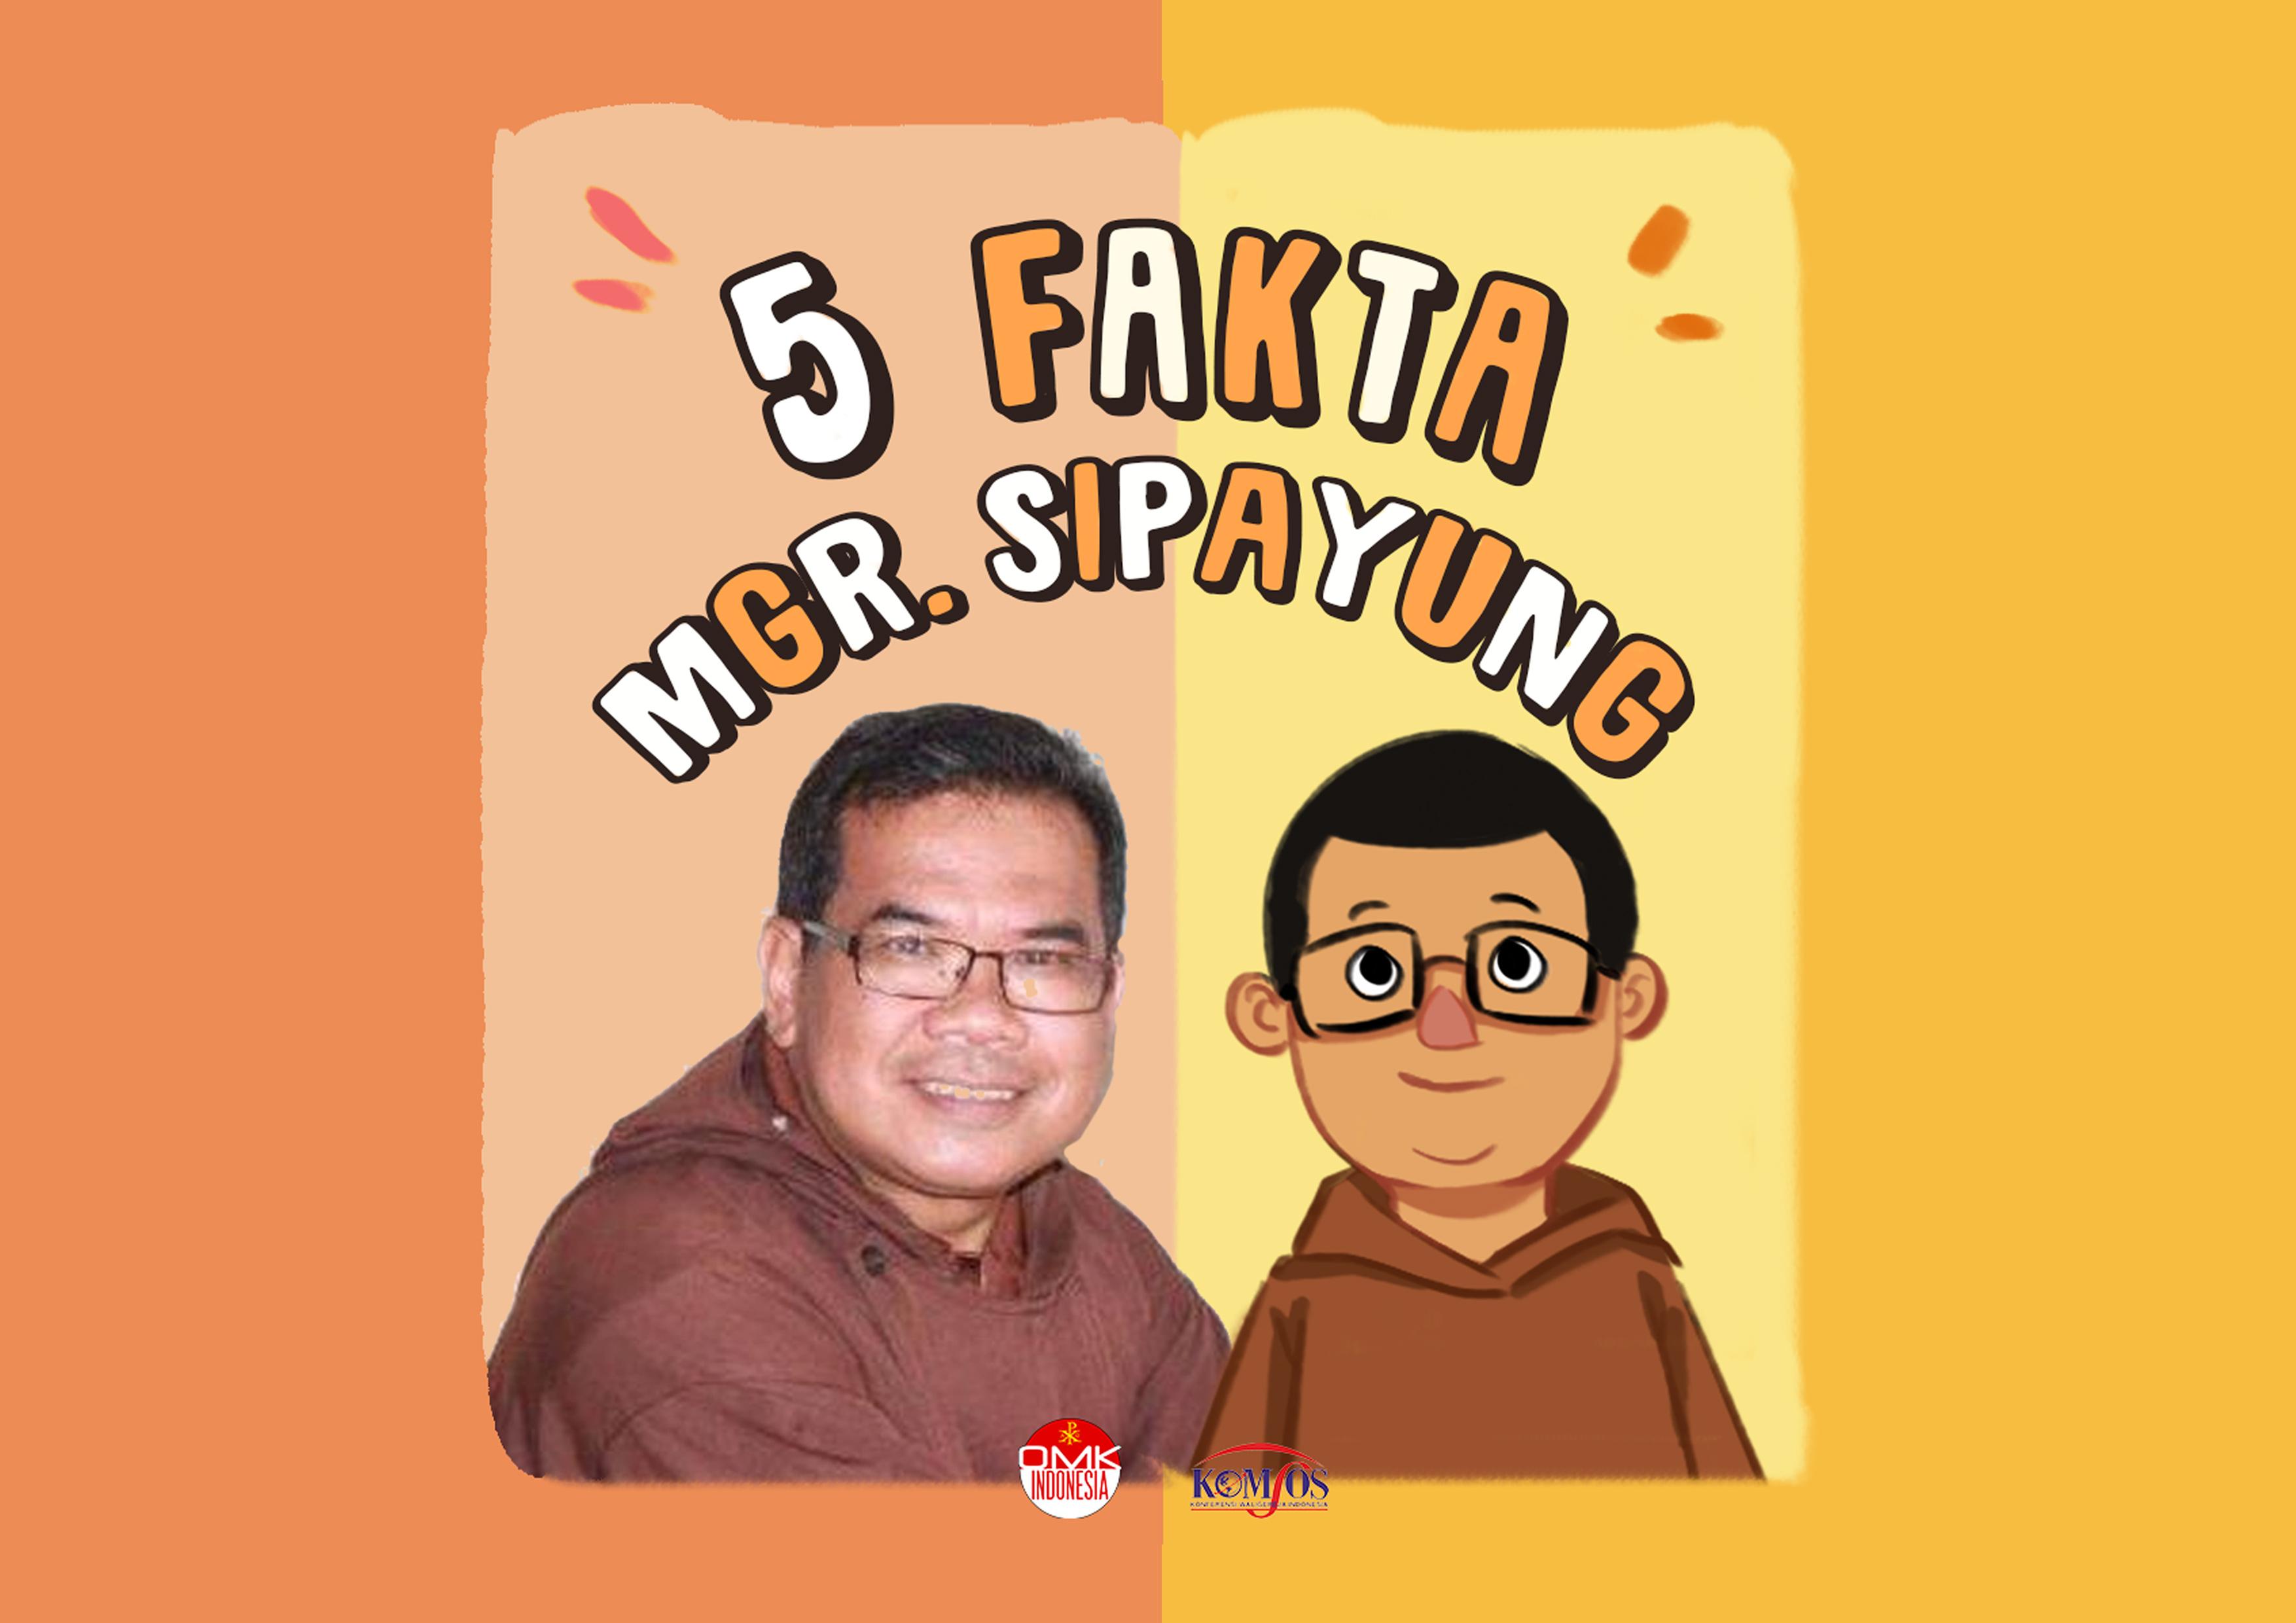 mgr. sipayung